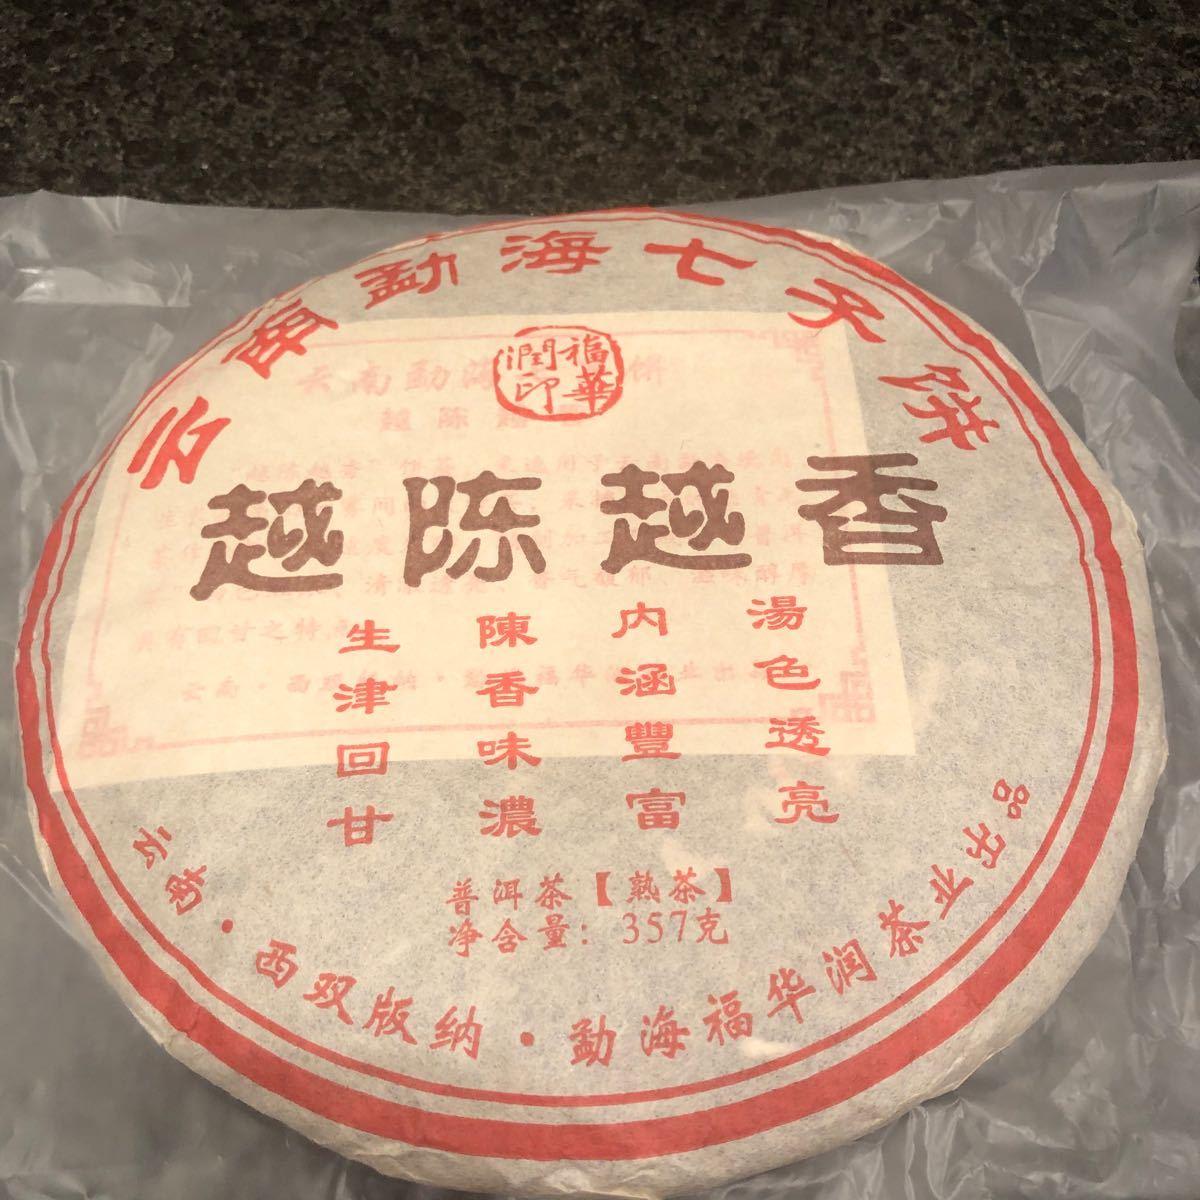 中国茶 雲南 七子餅 プーアル茶 熟茶 357g